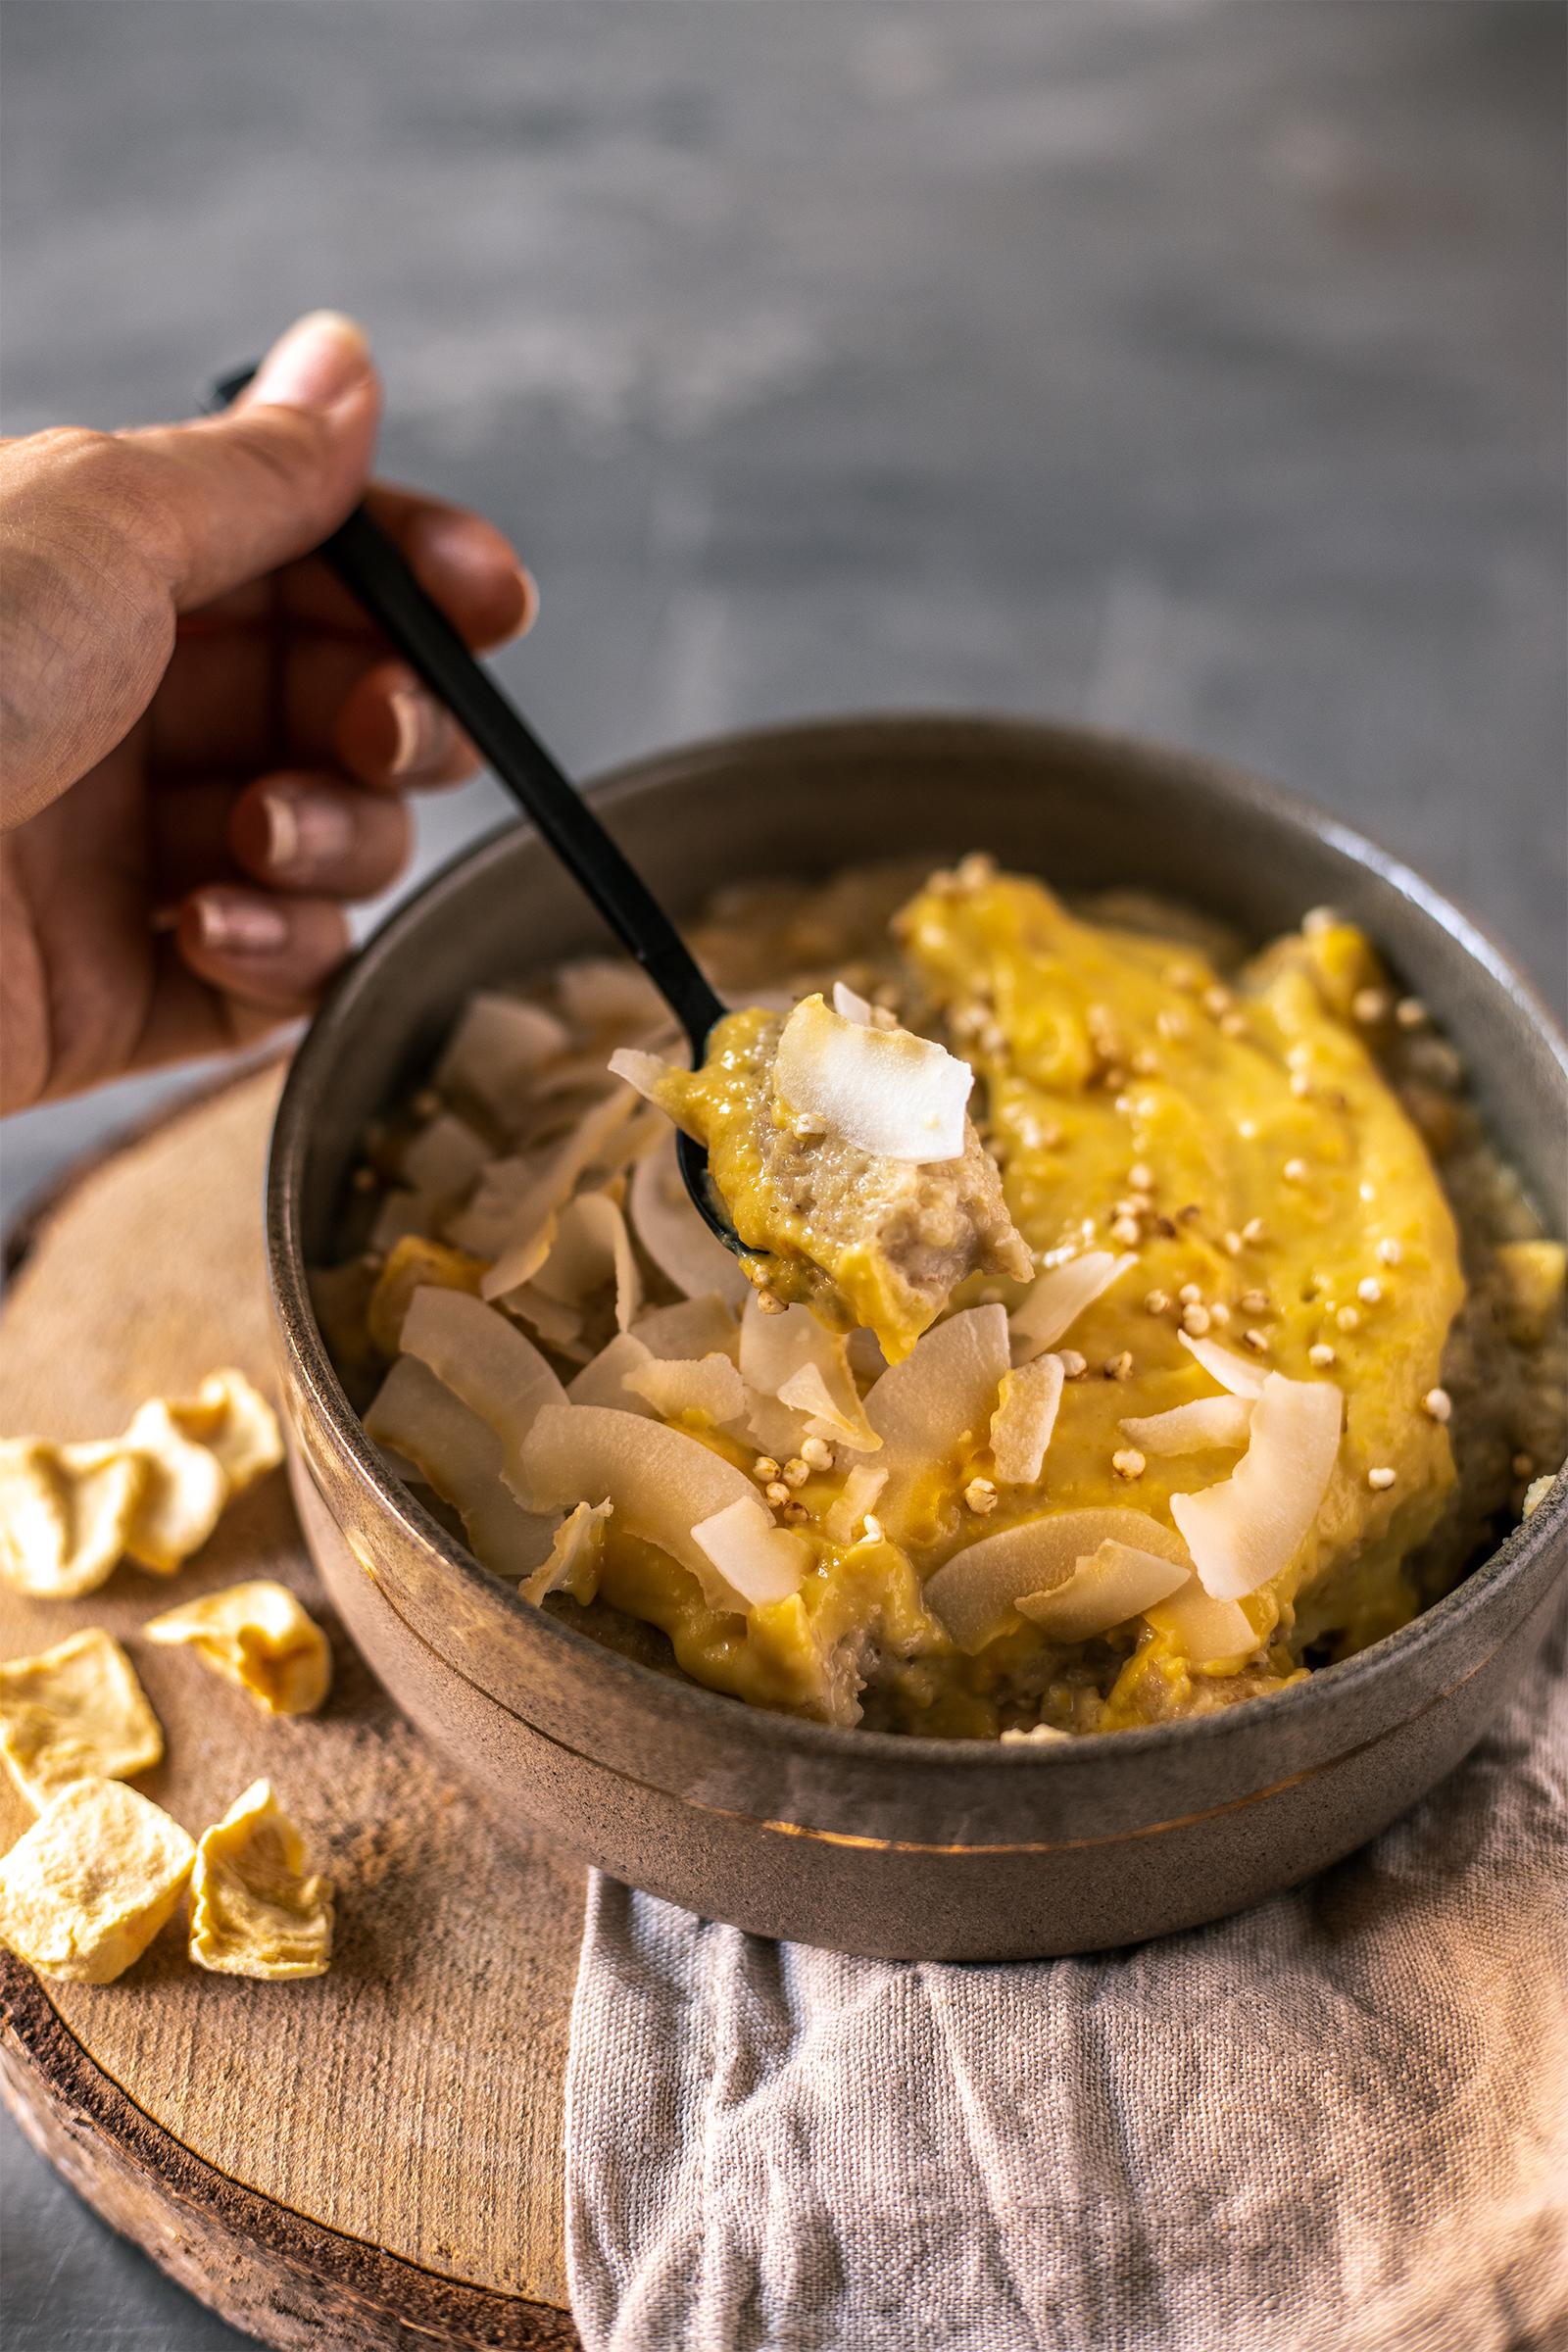 Haferflocken griess Porridge vegan rezept